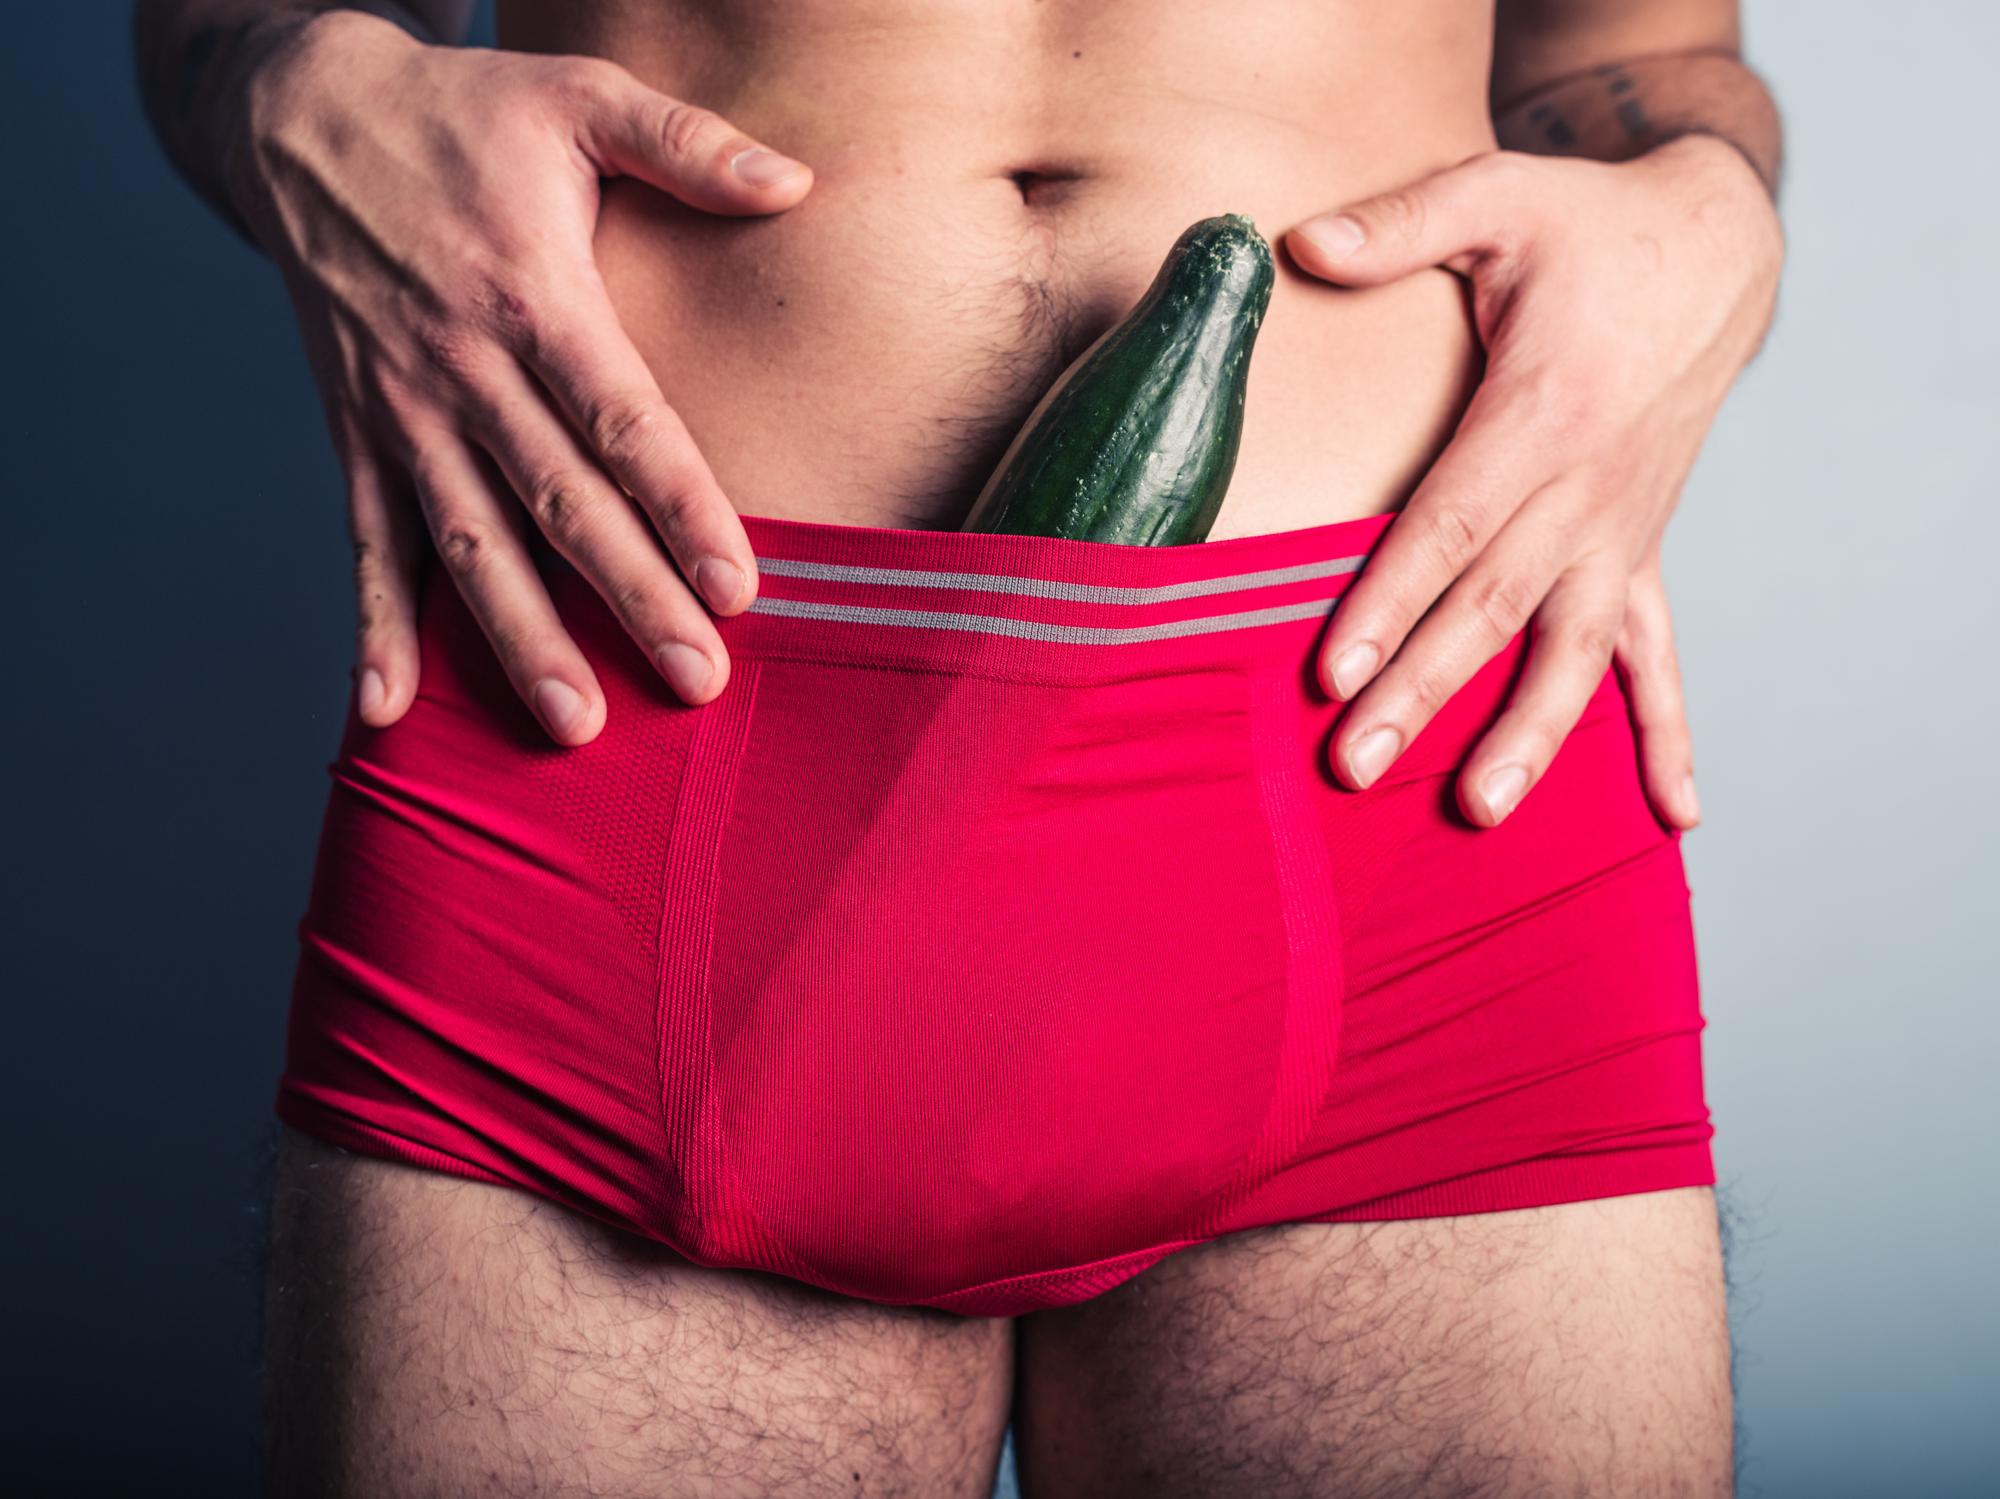 péniszméret felmérések